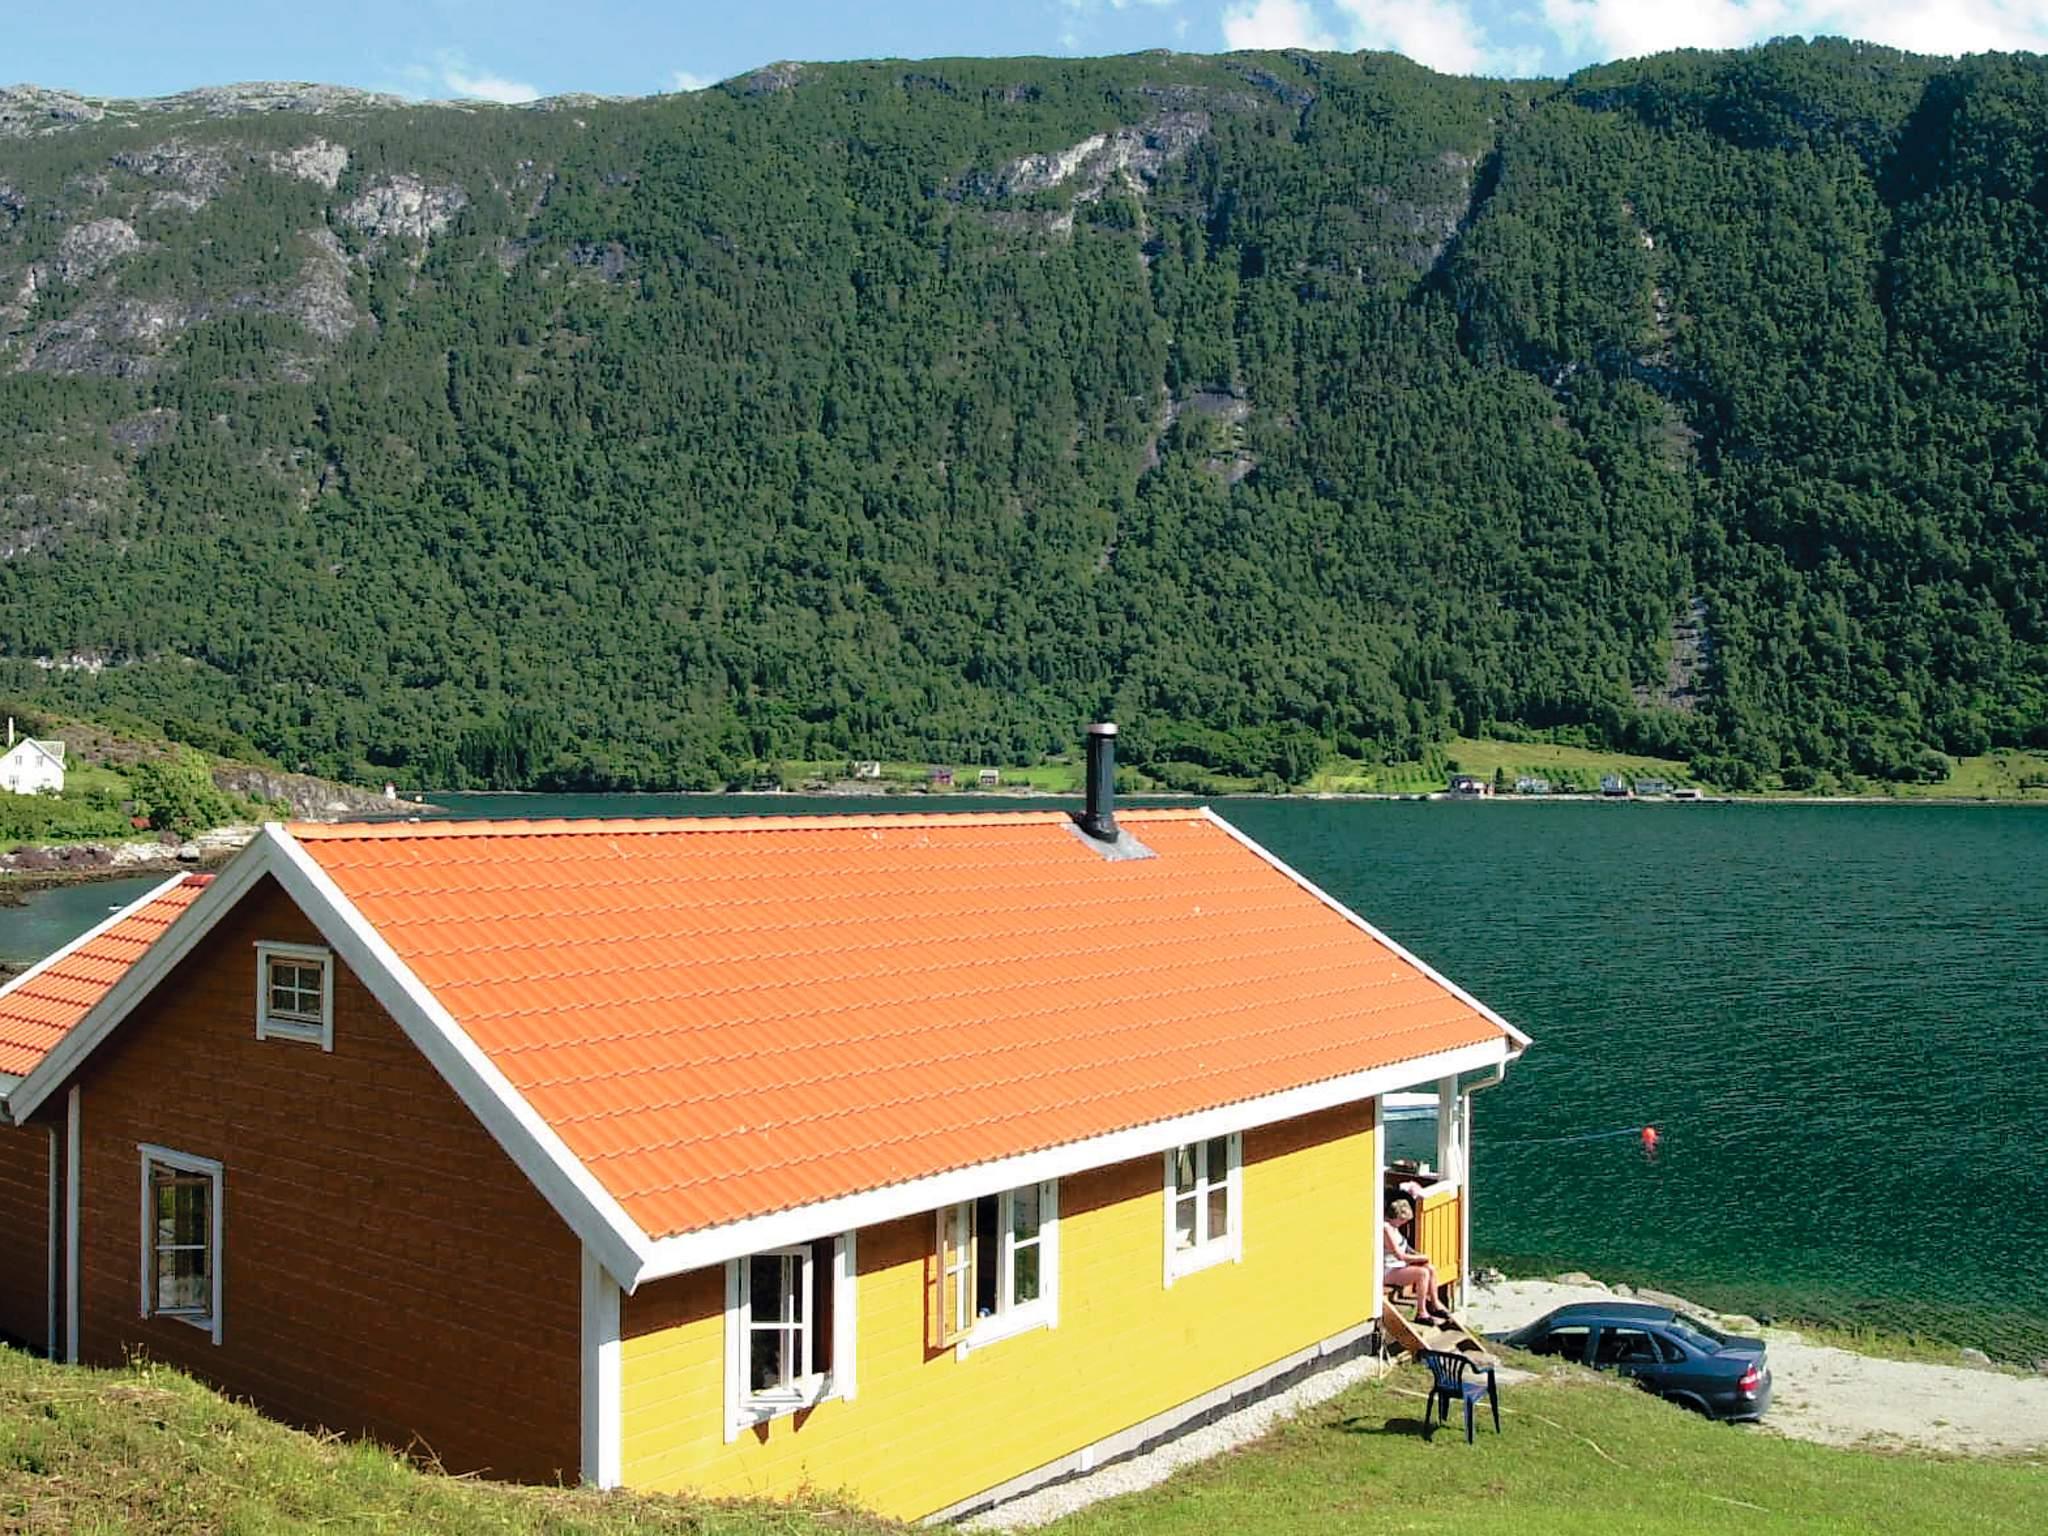 Ferienhaus Slinde (82397), Slinde, Sognefjord - Nordfjord, Westnorwegen, Norwegen, Bild 1